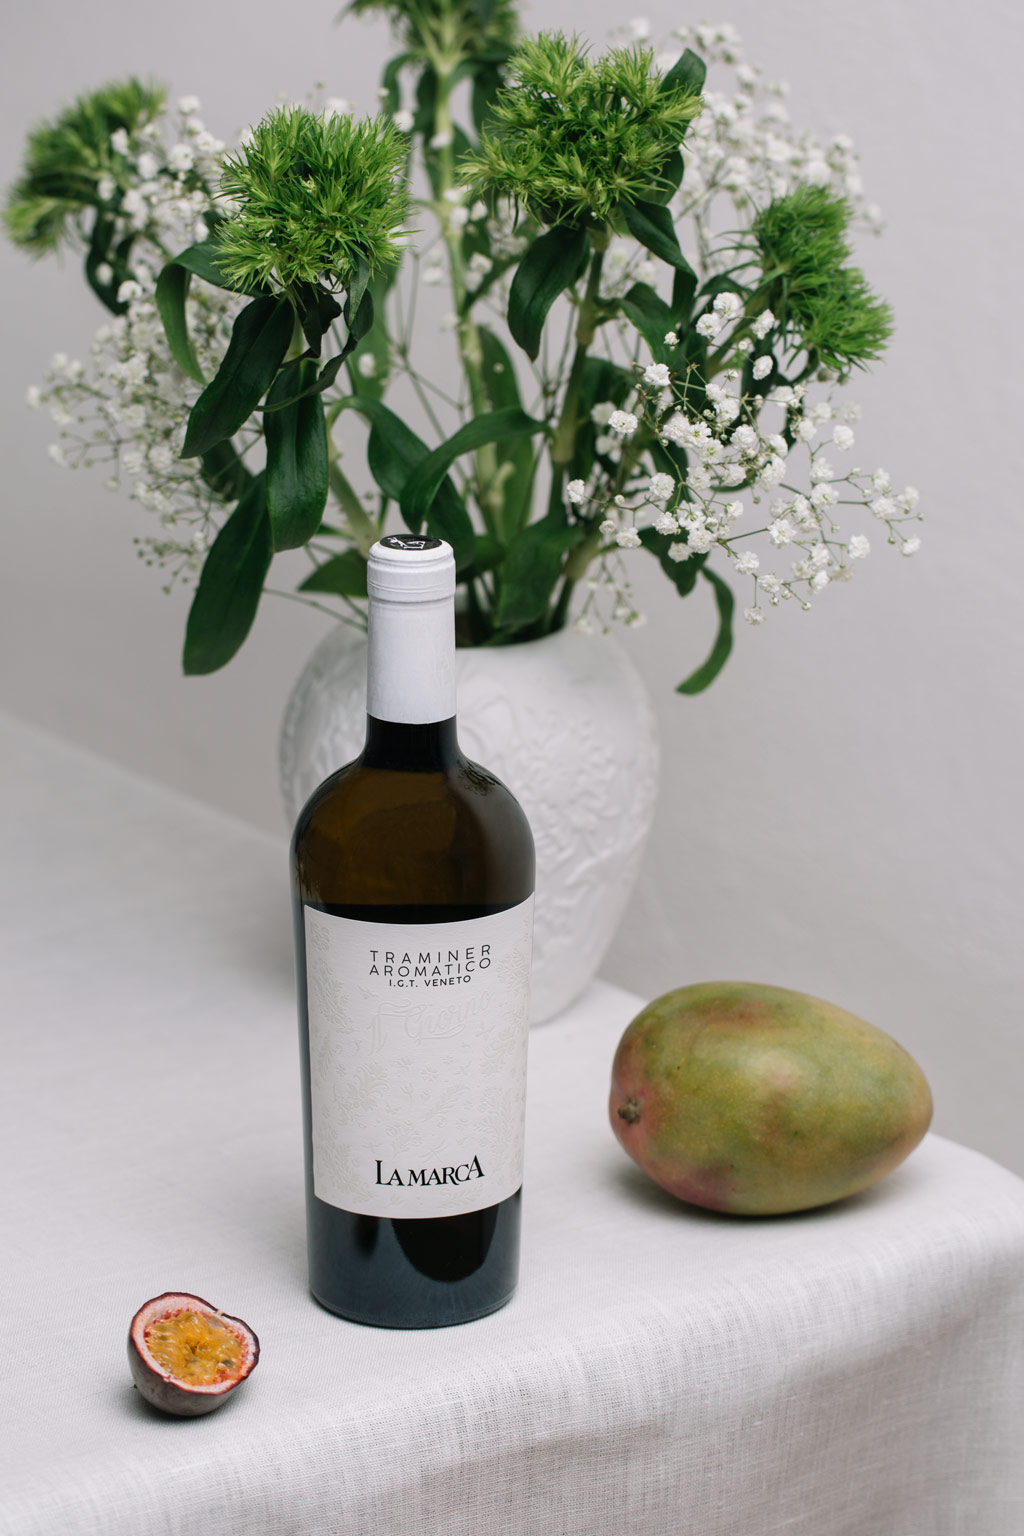 La Marca Traminer Aromatico Collezione Bouquet